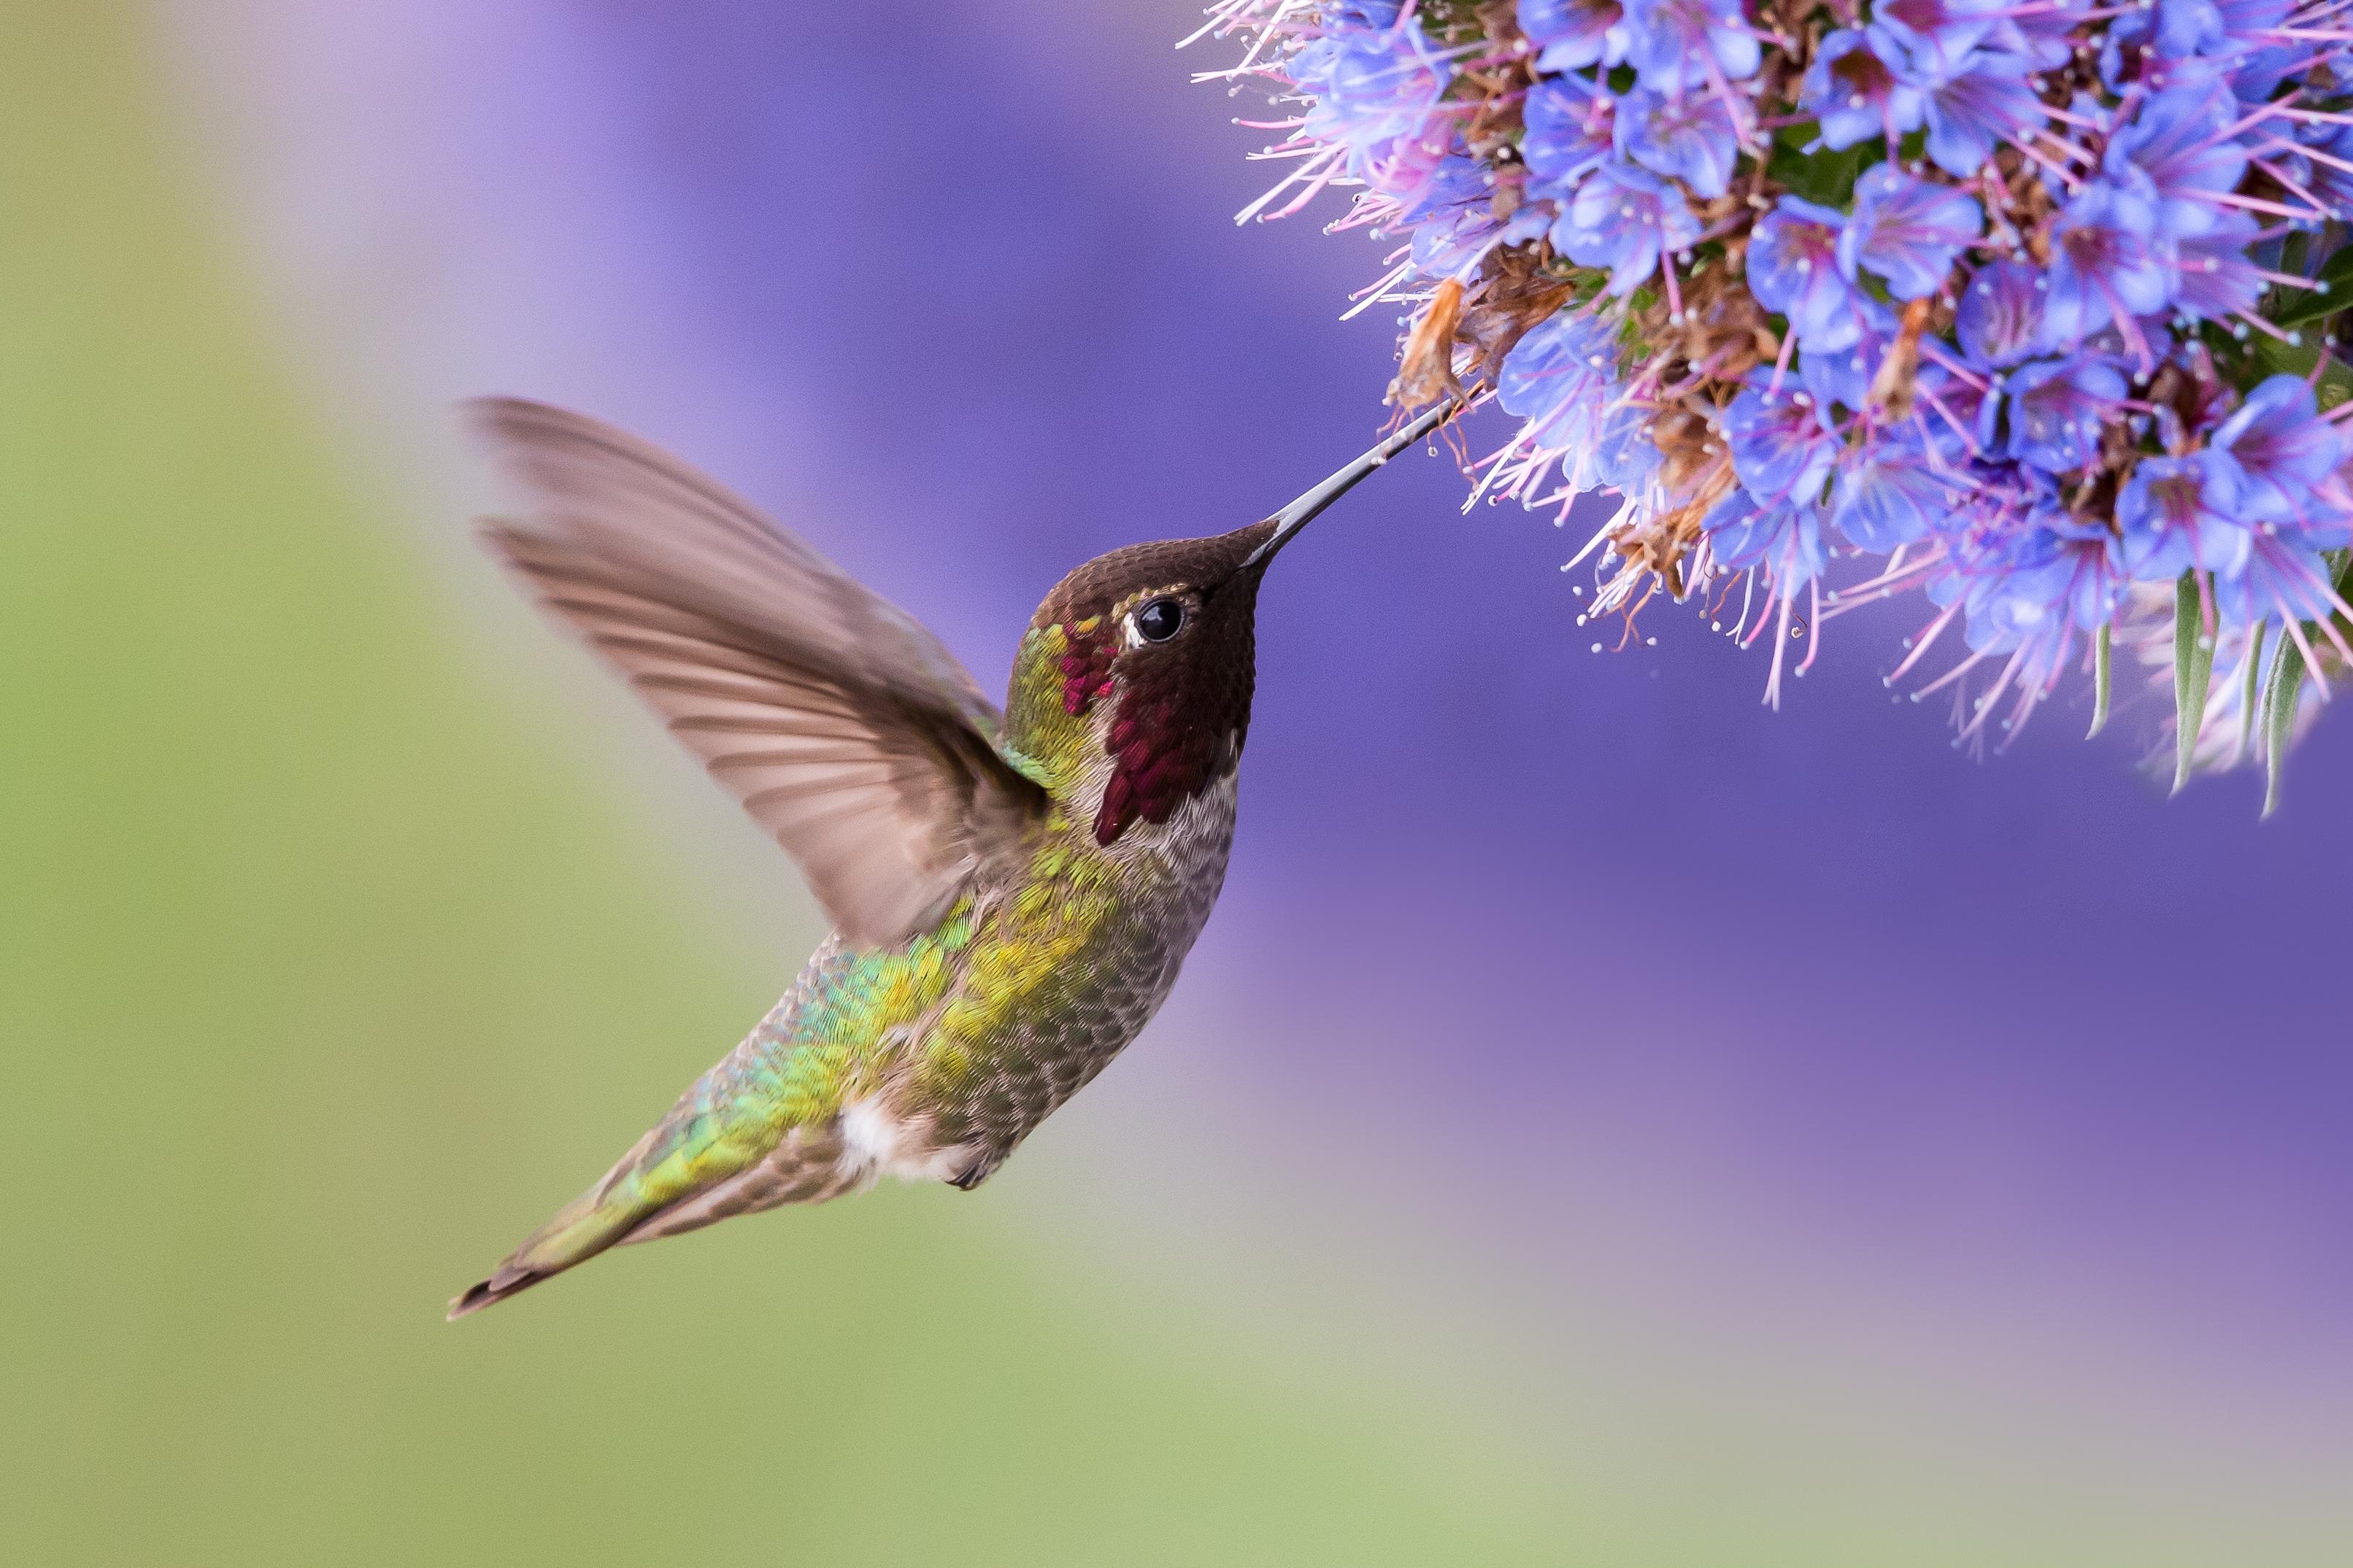 Kdyby měl kolibřík velikost člověka, potřeboval by tolik energie, kolik spálí 10 maratonských běžců?